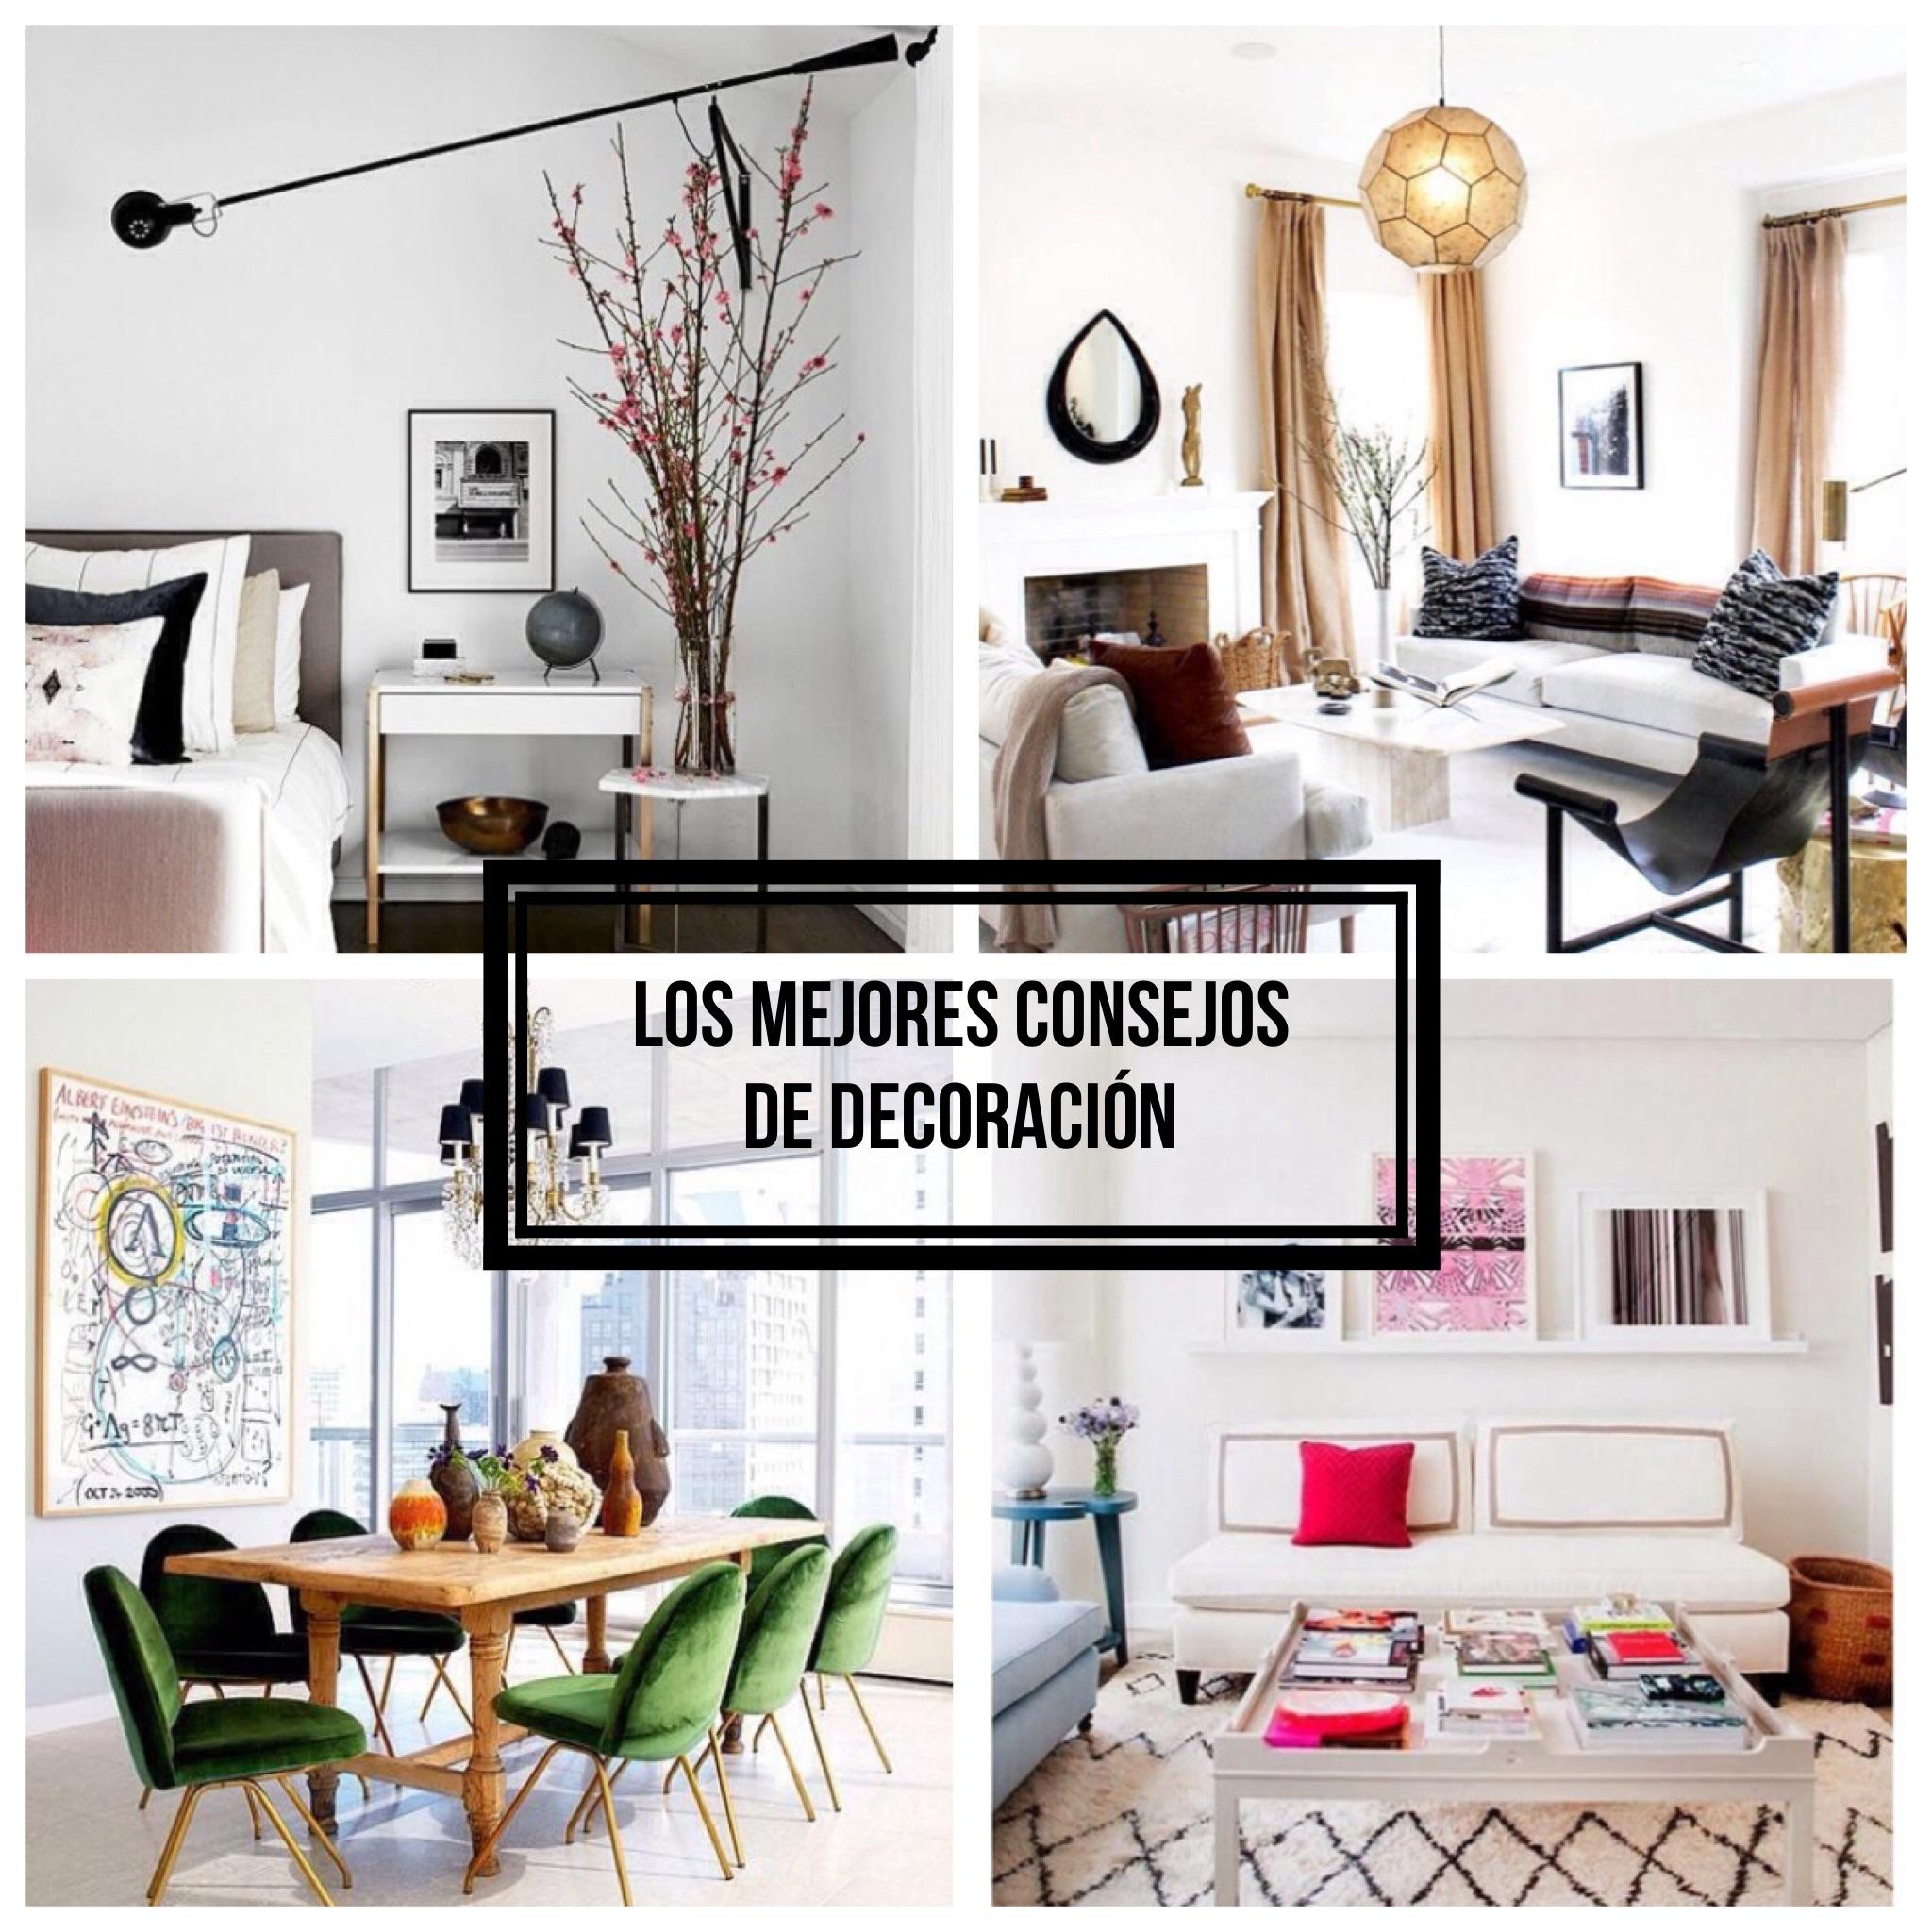 Los mejores consejos de decoraci n - Consejos decoracion ...